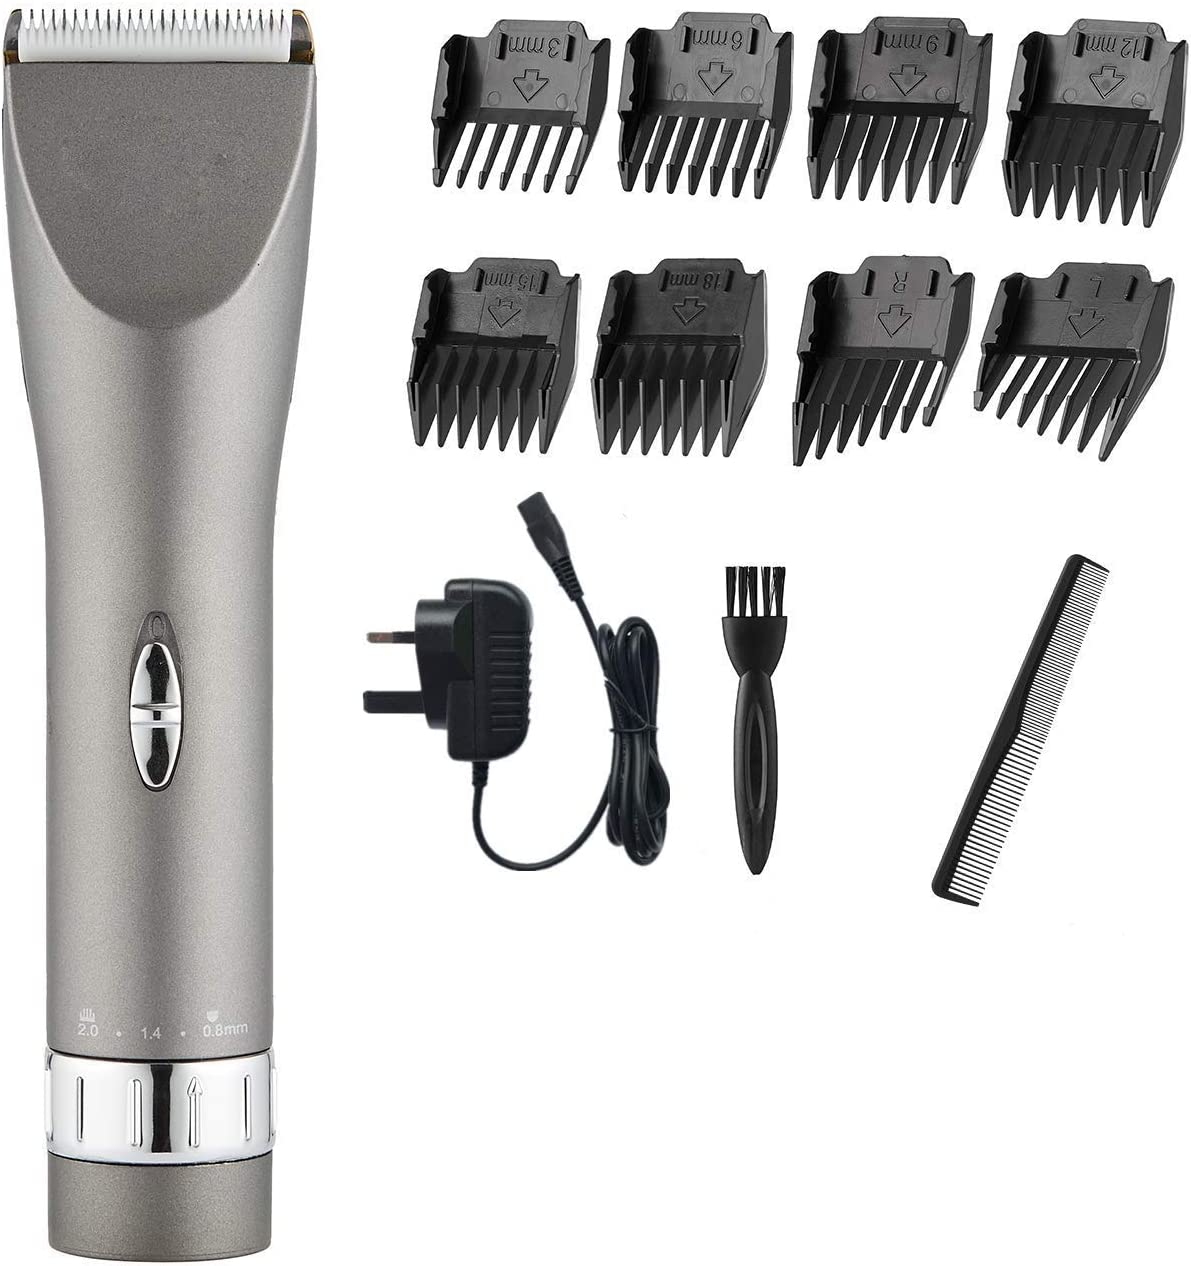 Inalámbrico recargable del pelo Trimmer Clipper & Salon peluquero profesional kit de aseo de corte, con 8 Guía Combs, R-Edge en forma de diseño, baja vibración y ultra silencioso Diseño (gris plat